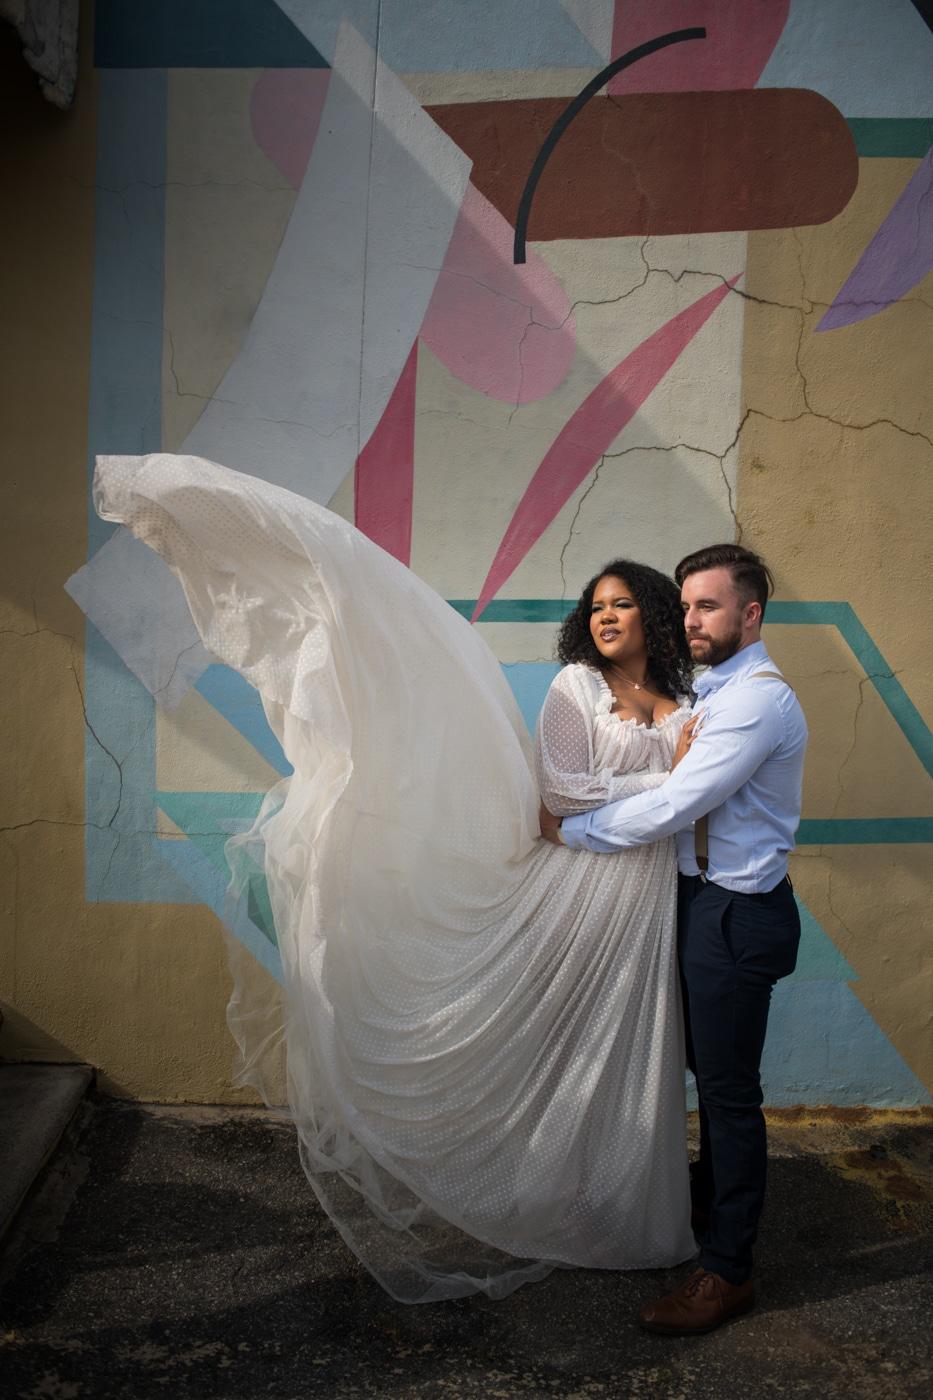 groom hugs bride with dress floating in air by mural in Athens, GA